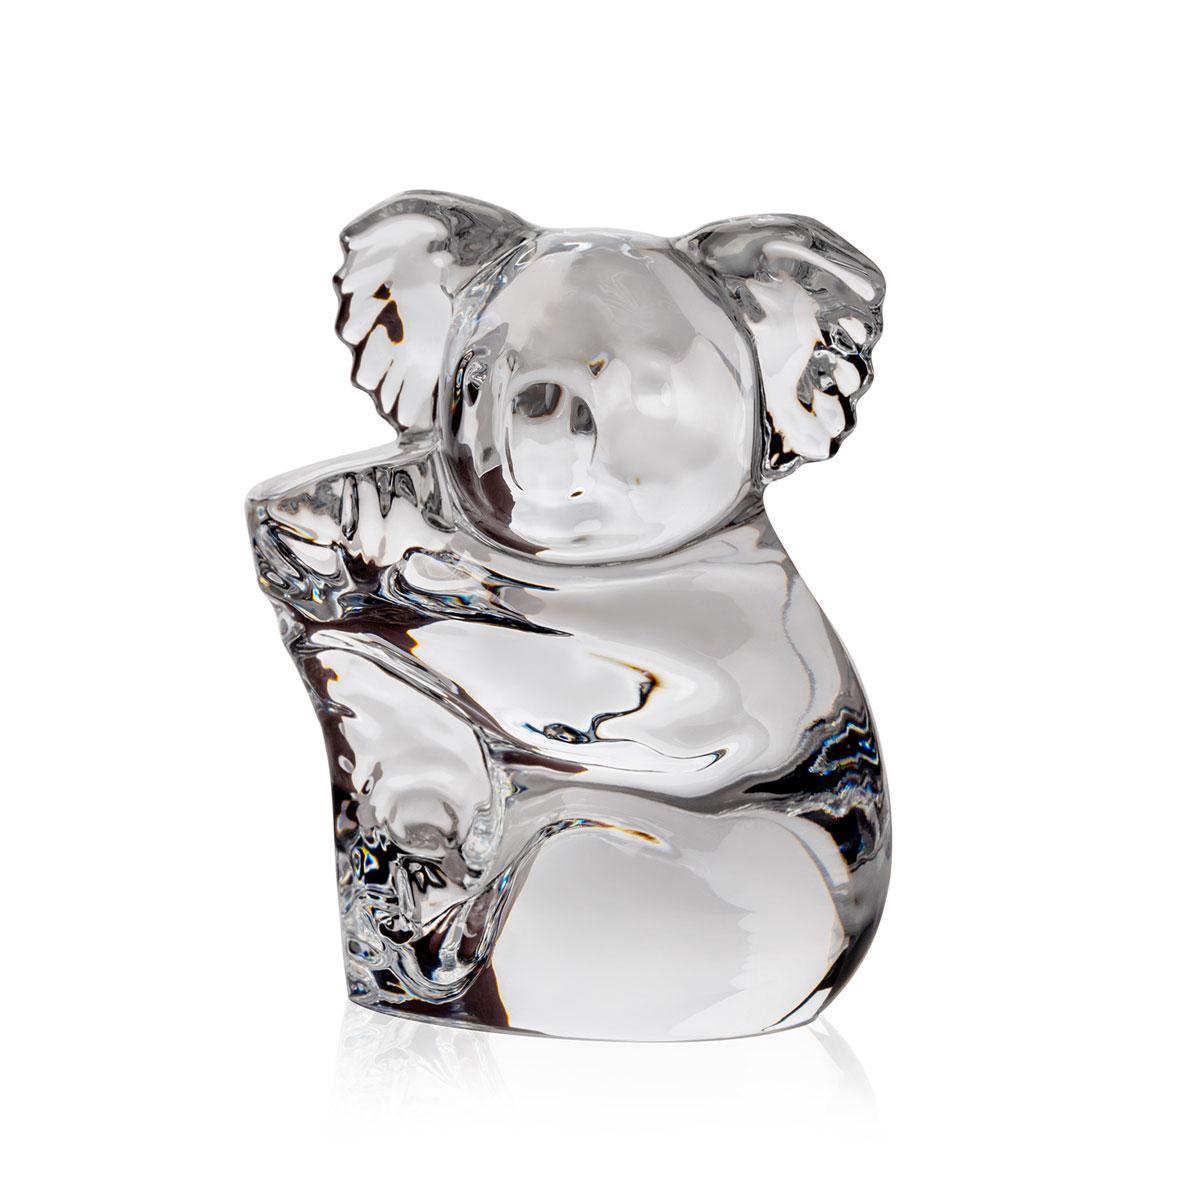 Steuben Crystal Koala Hand Cooler Paperweight